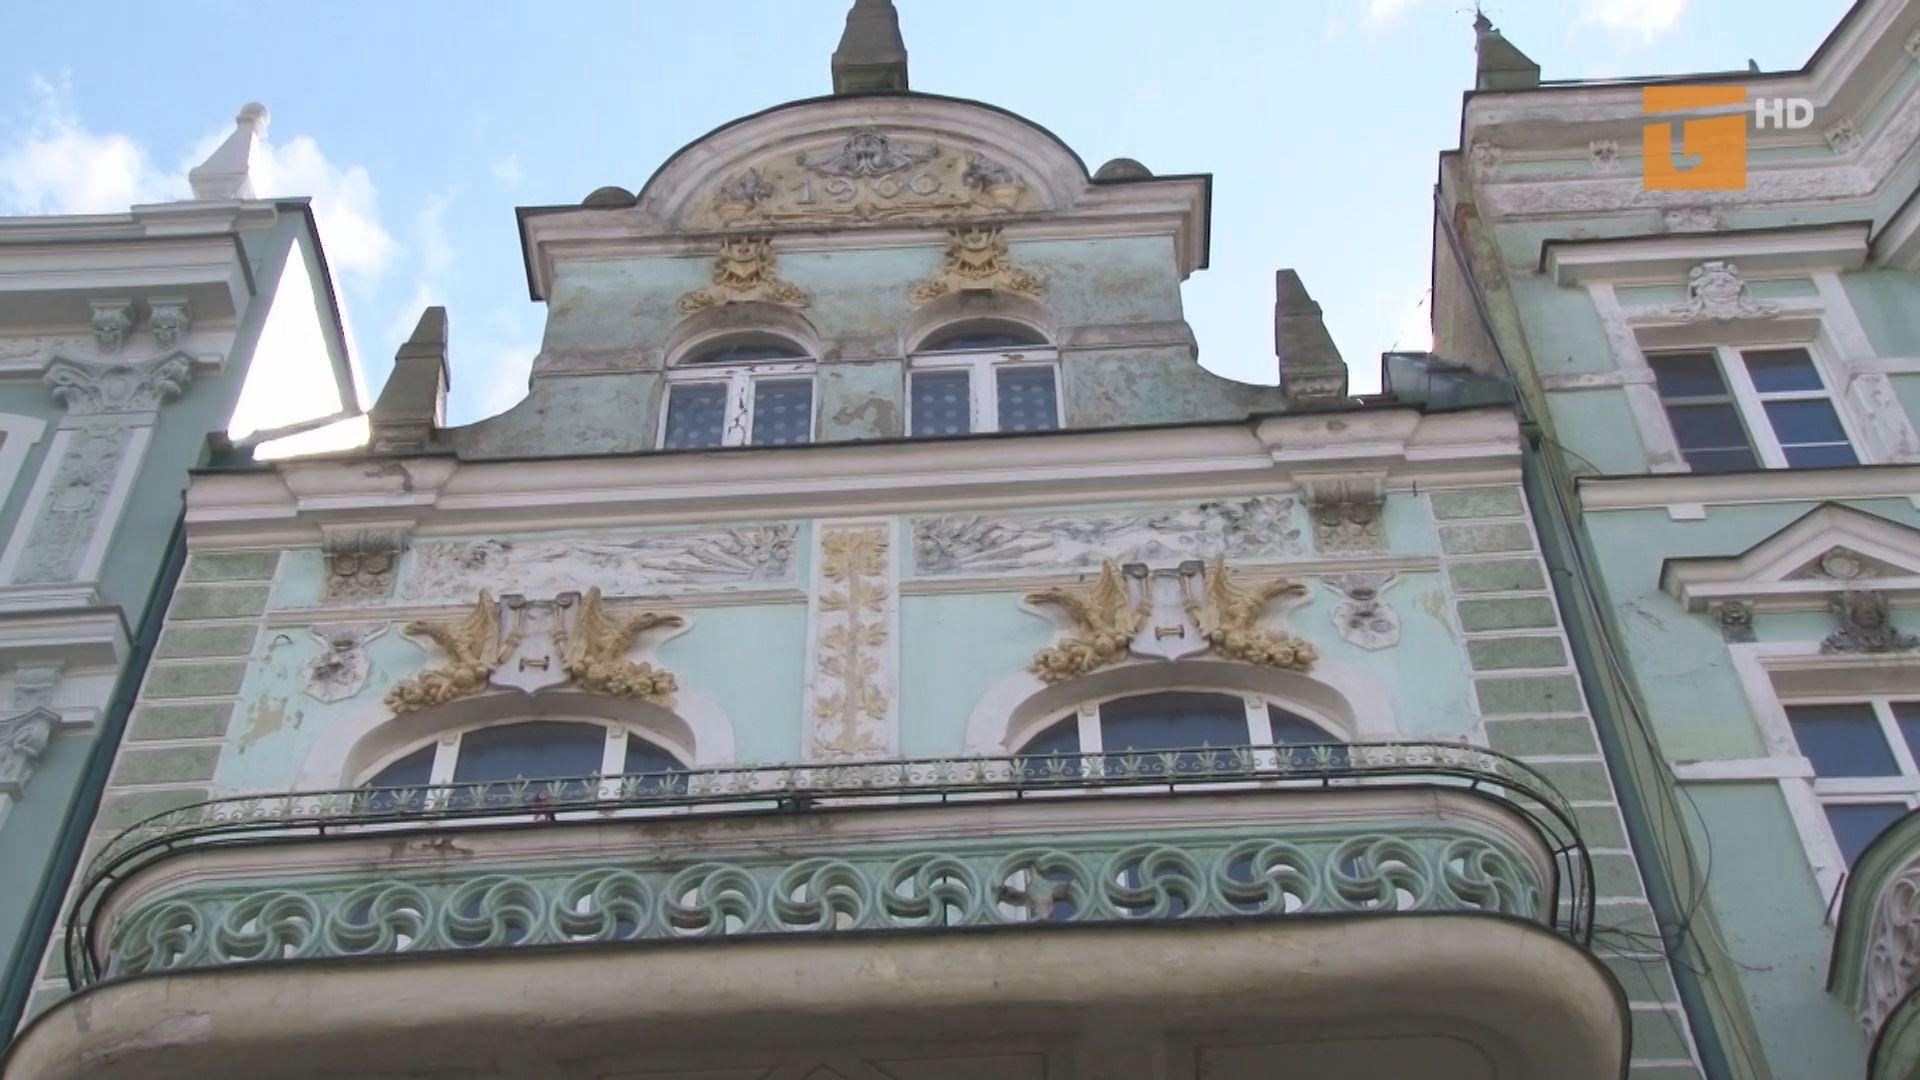 Ponad 70 tysięcy zł na remonty zabytków